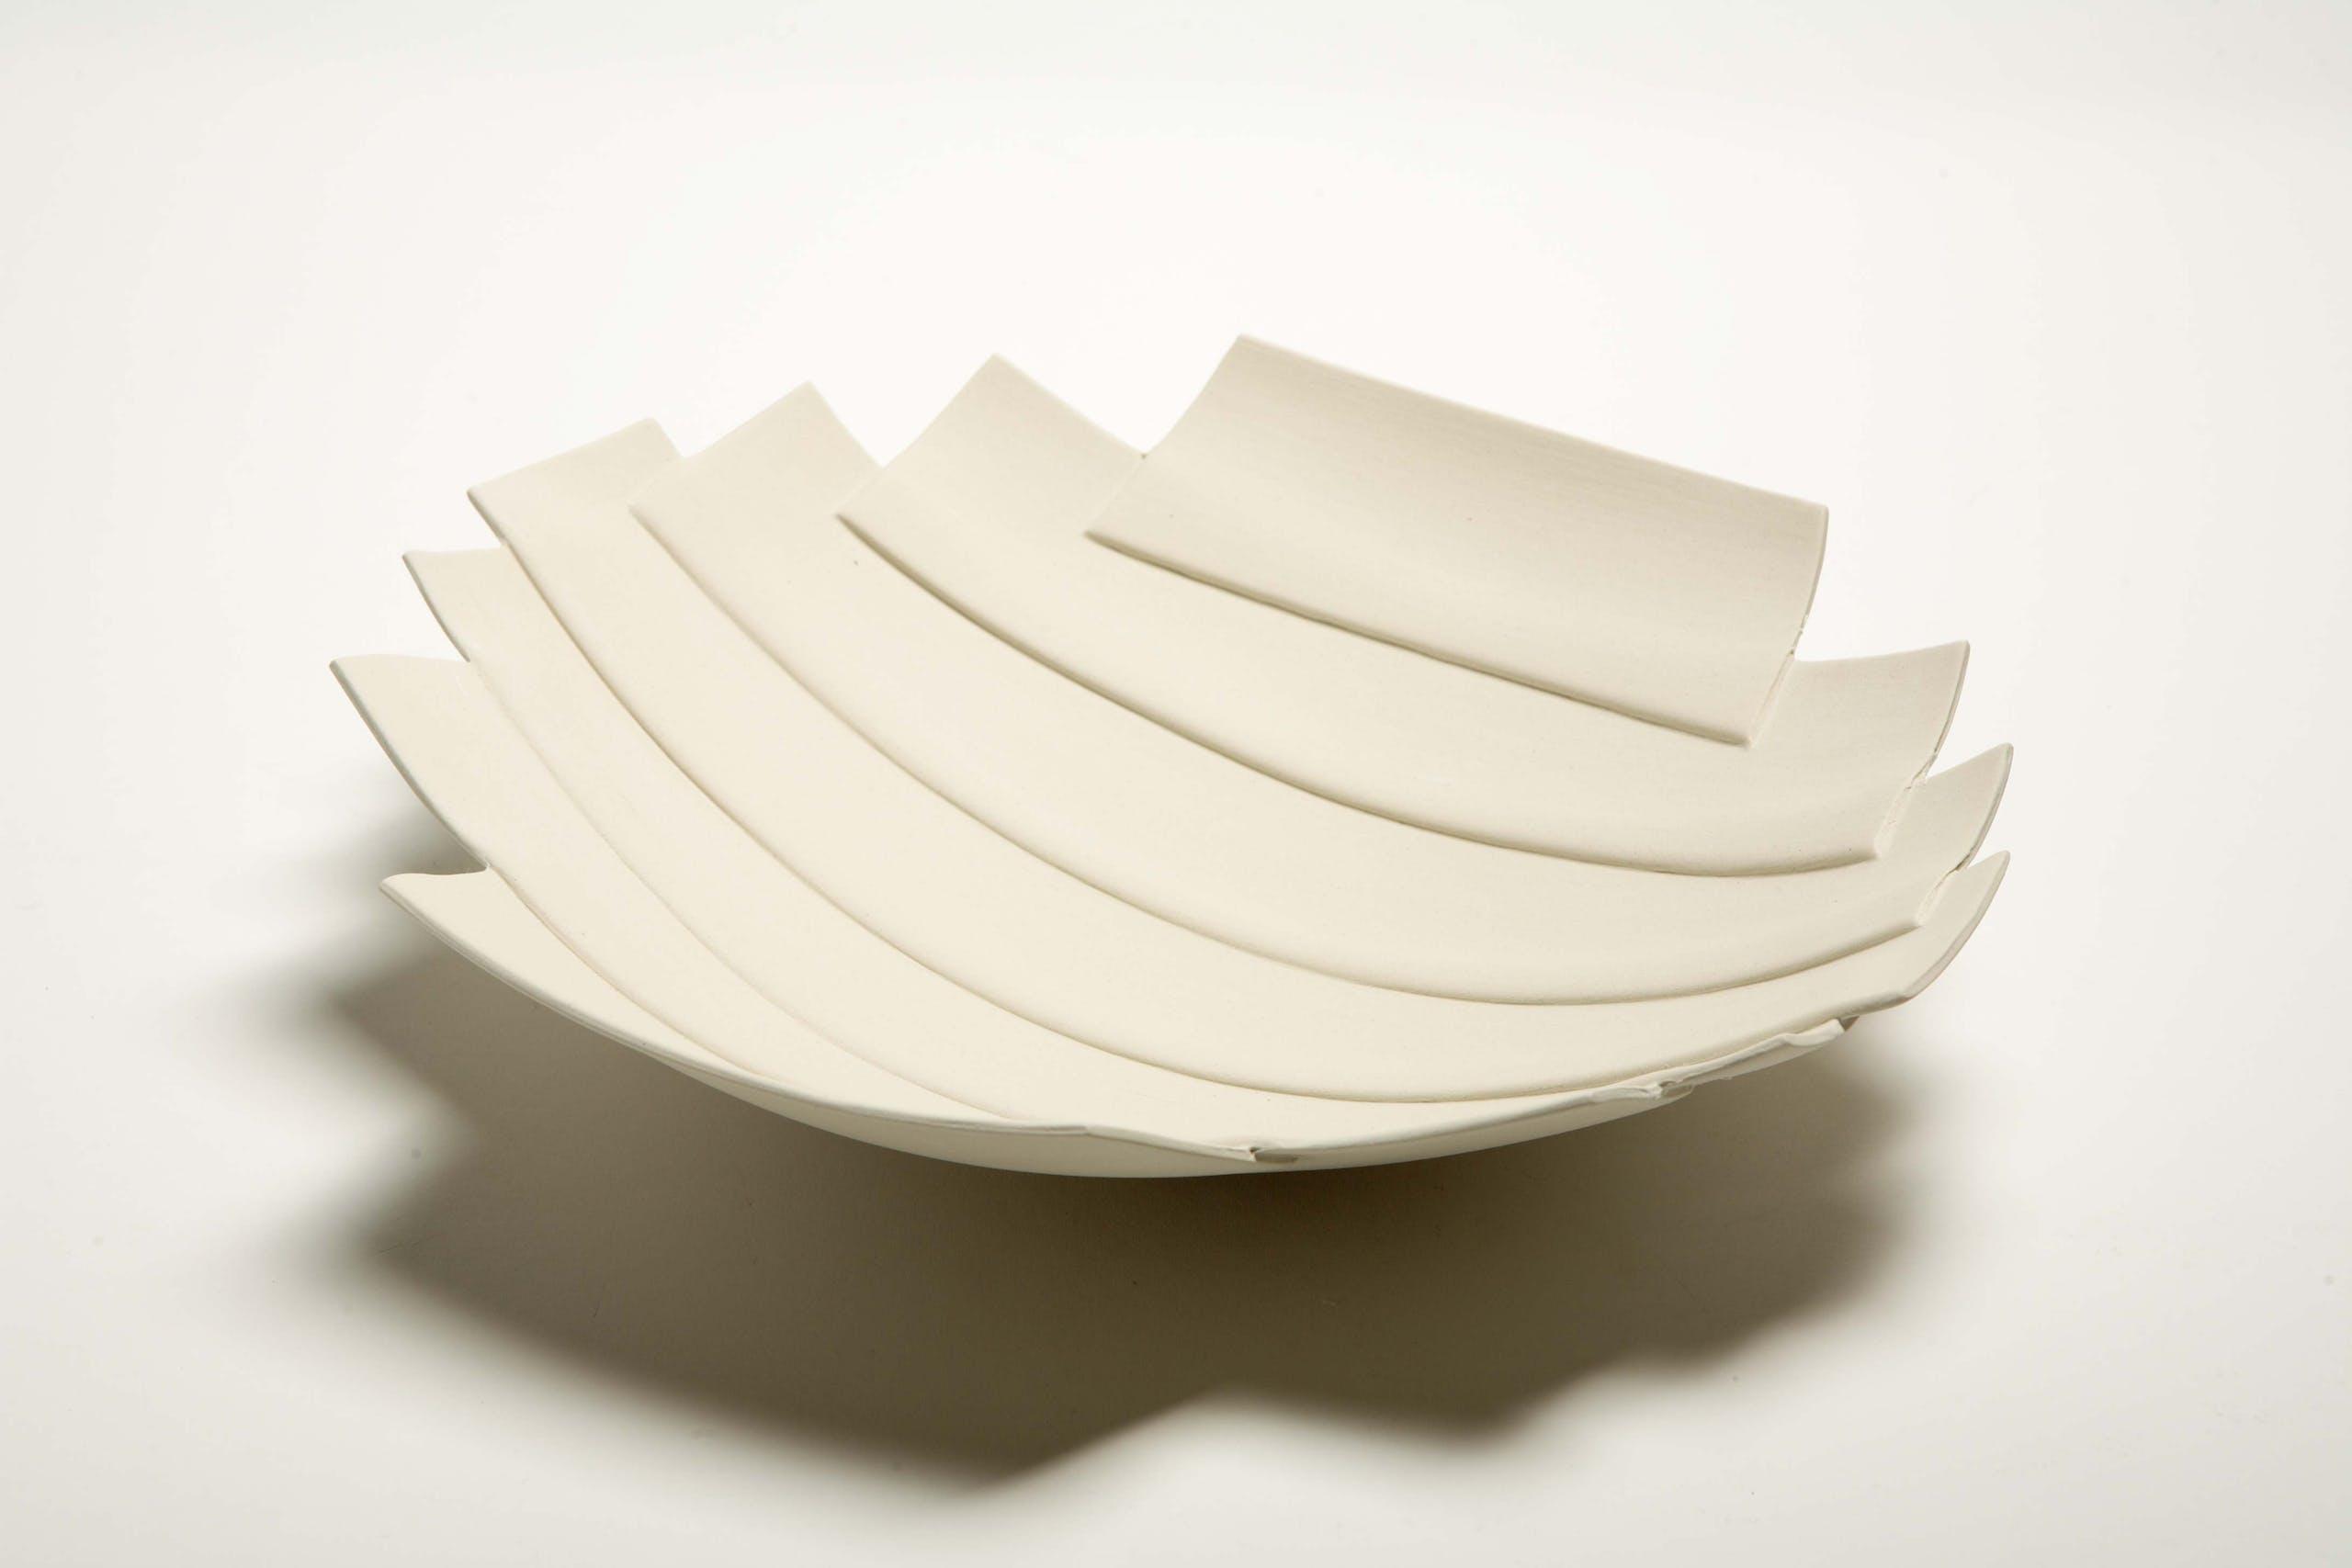 1973, Proposta per la lavorazione a mano della porcellana, ciotole e vasi della Serie Samos, Danese Milano foto Fabrizio Marchesi © Triennale Milano – Archivi